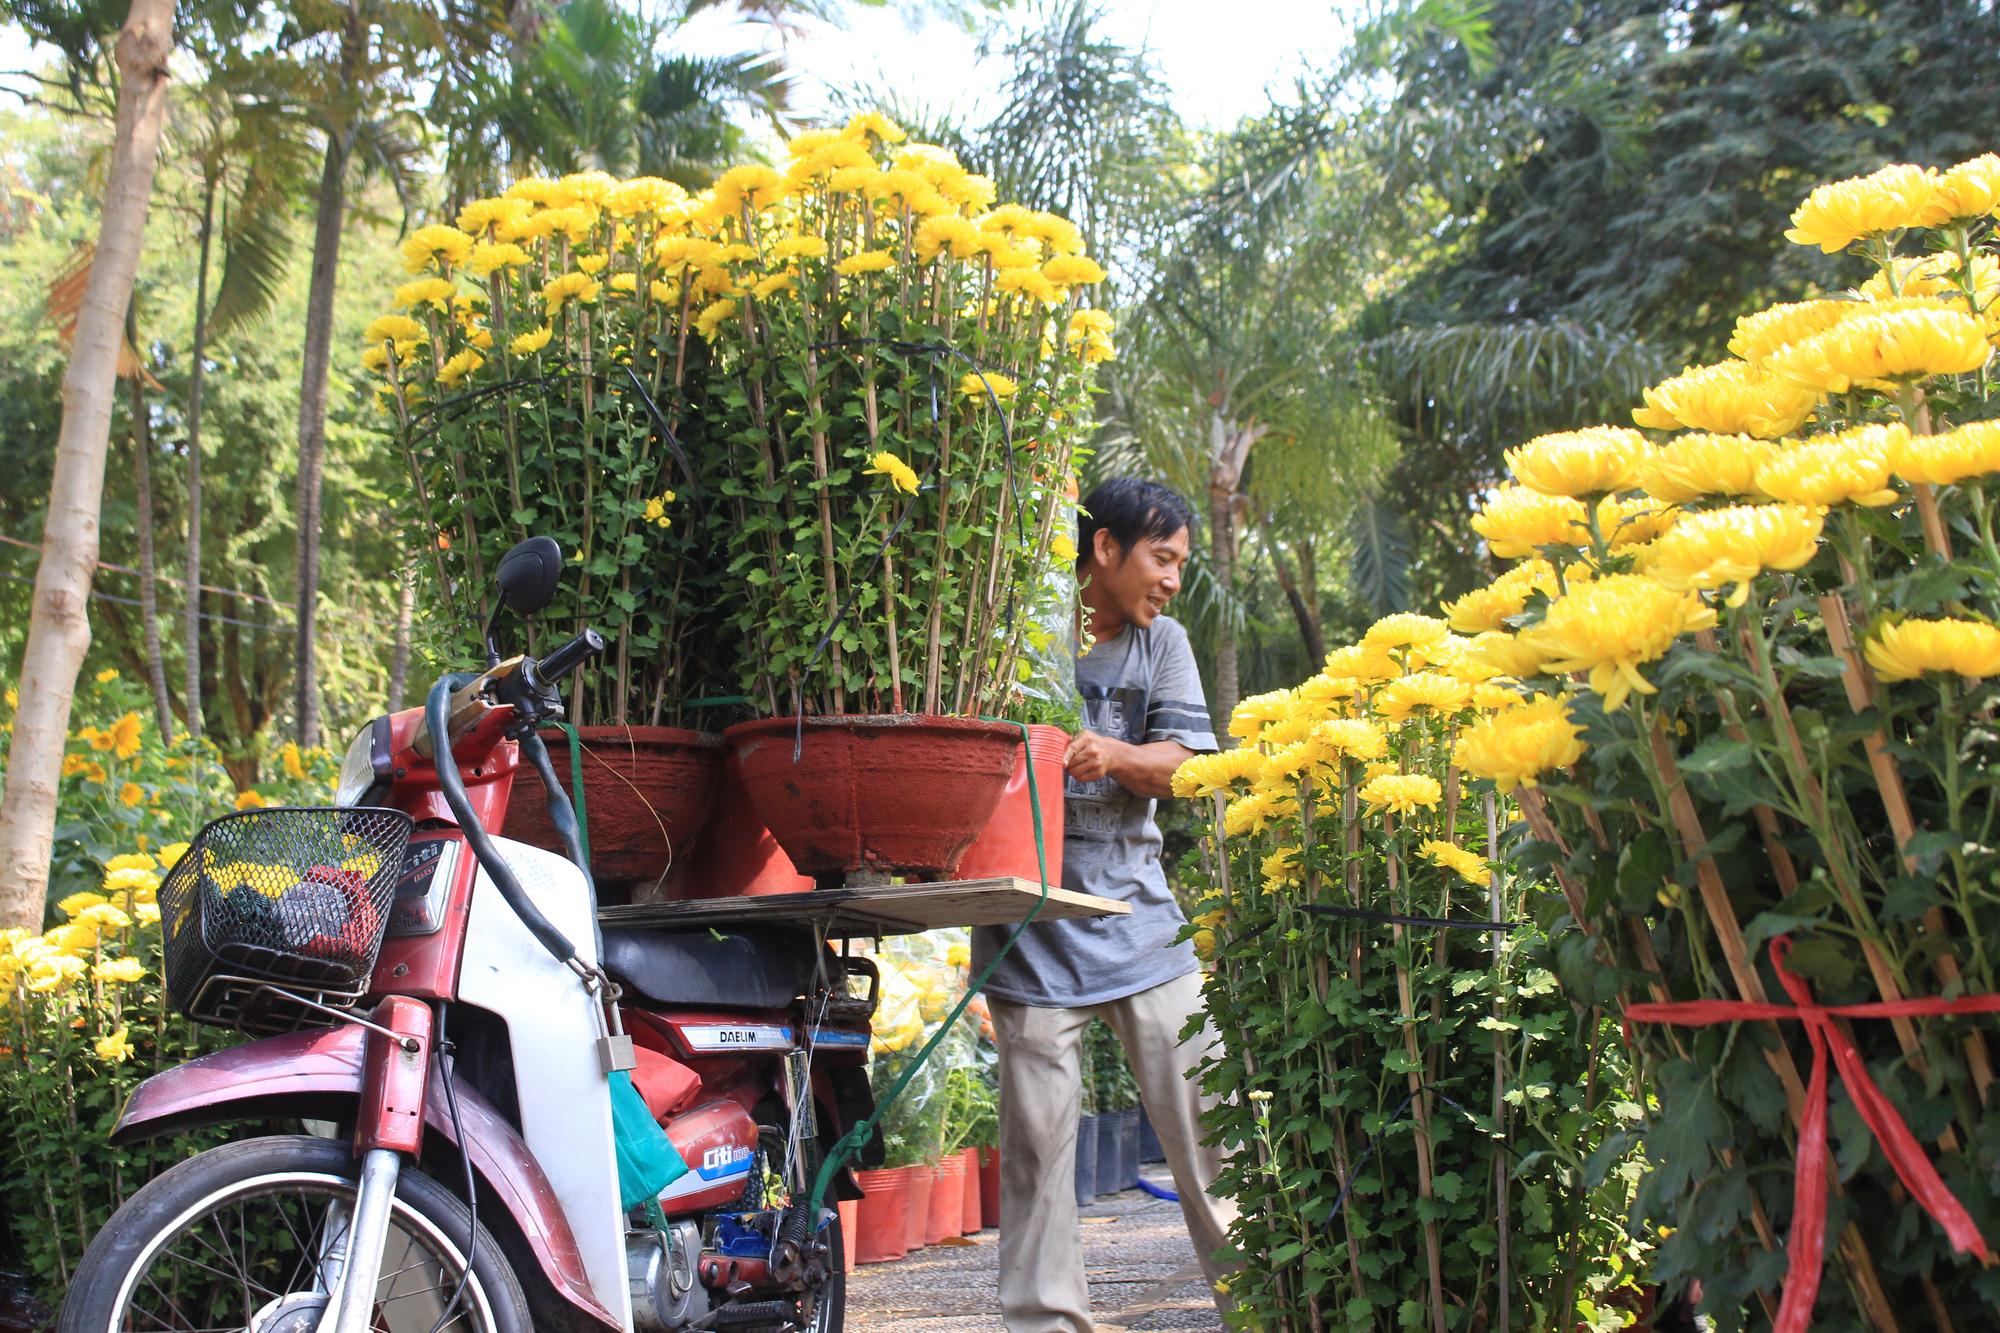 Mai, đào, tắc tiền triệu tại chợ hoa Sài Gòn ngóng người mua, có nhà vườn treo biển đồng giá 100.000 đồng mỗi chậu - Ảnh 14.